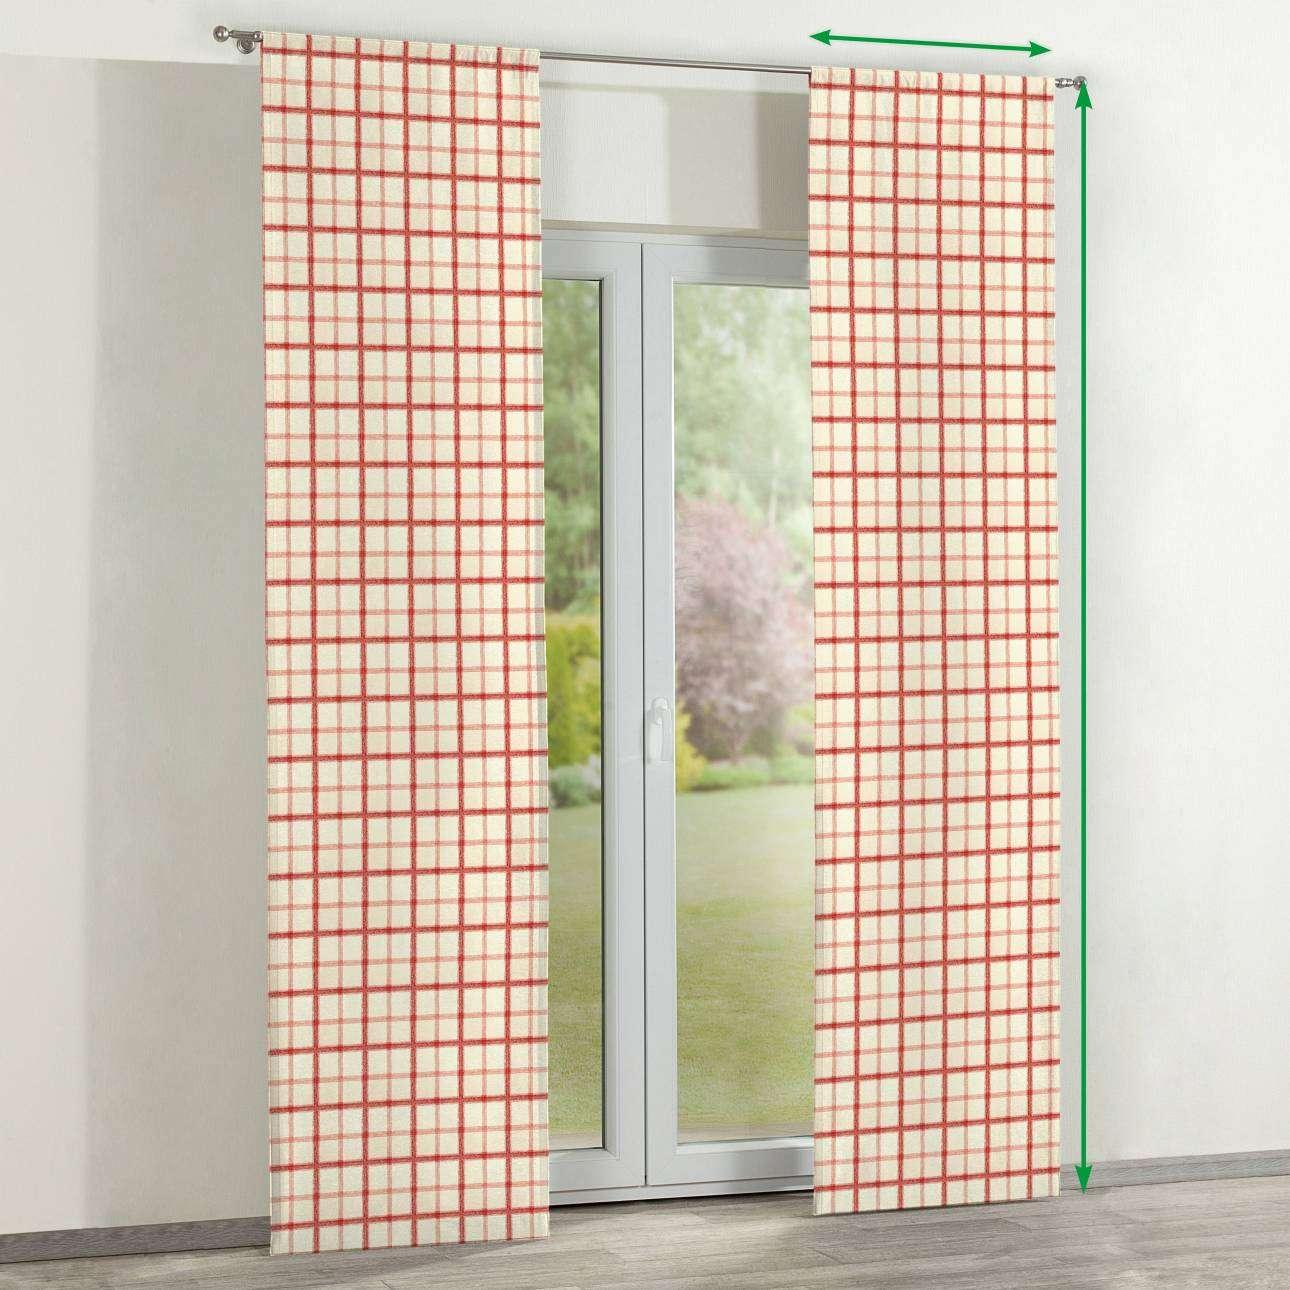 Zasłony panelowe 2 szt. w kolekcji Avinon, tkanina: 131-15